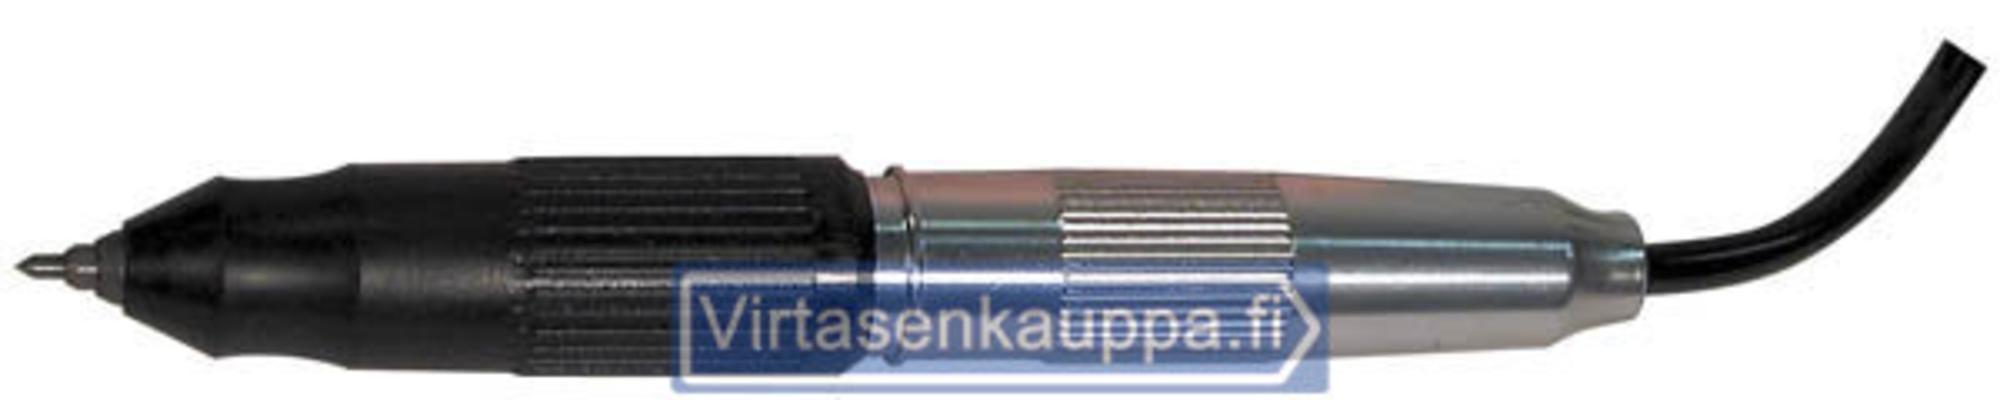 Merkkauskynä G400, IPT 1